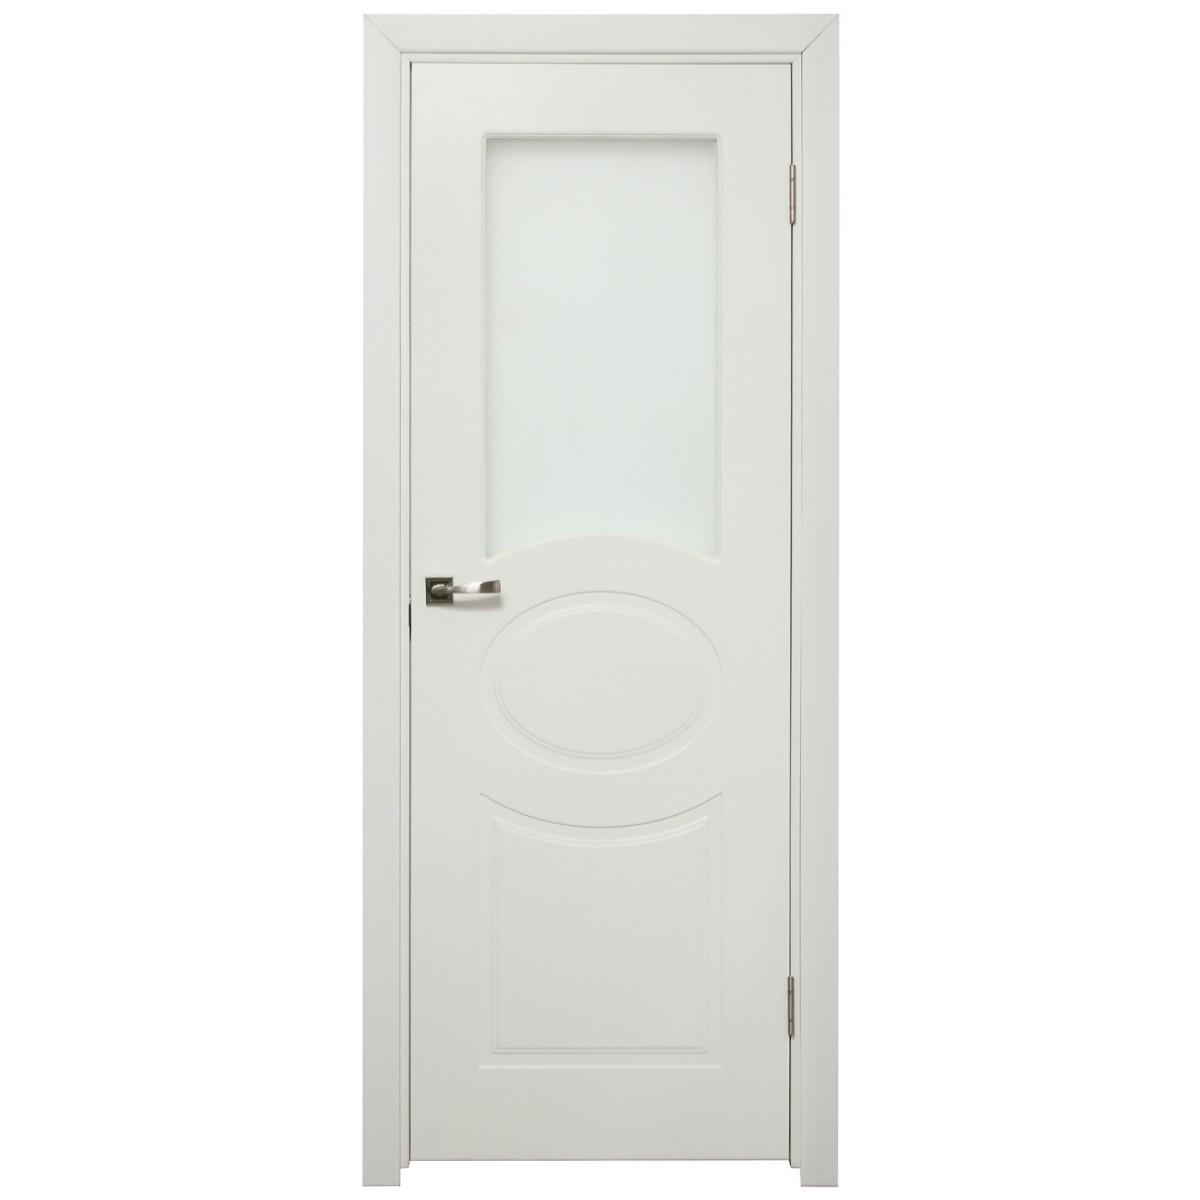 Дверь Межкомнатная Остеклённая Дэлия 80x200 Цвет Белый